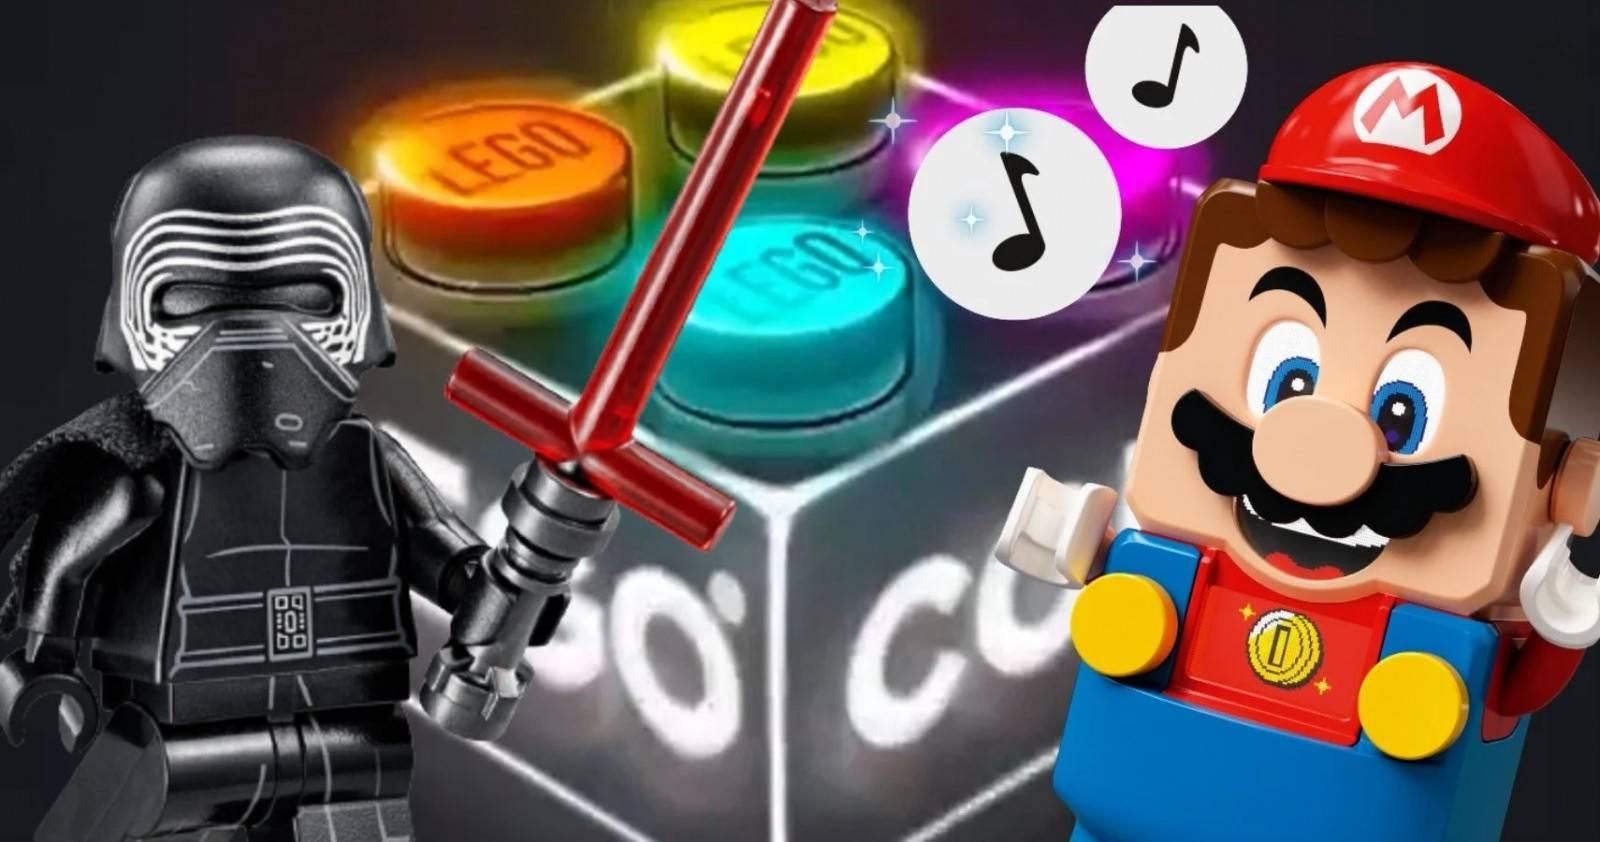 LEGOCON: La primera e histórica convención de LEGO se llevará a cabo el 26 de Junio 1